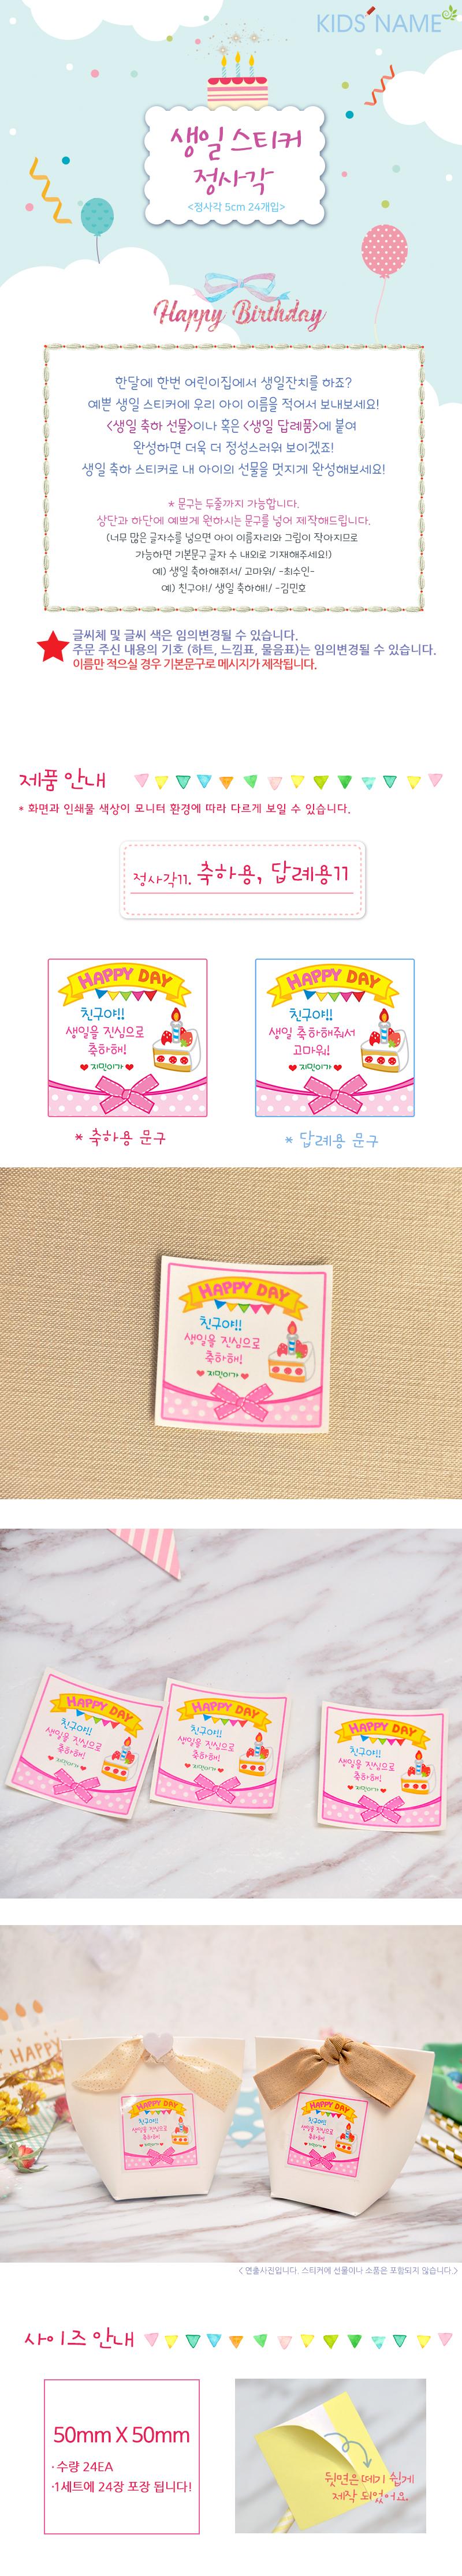 정사각 핑크조각케익 생일스티커 50mm -24ea - 키즈네임, 4,500원, 스티커, 디자인스티커